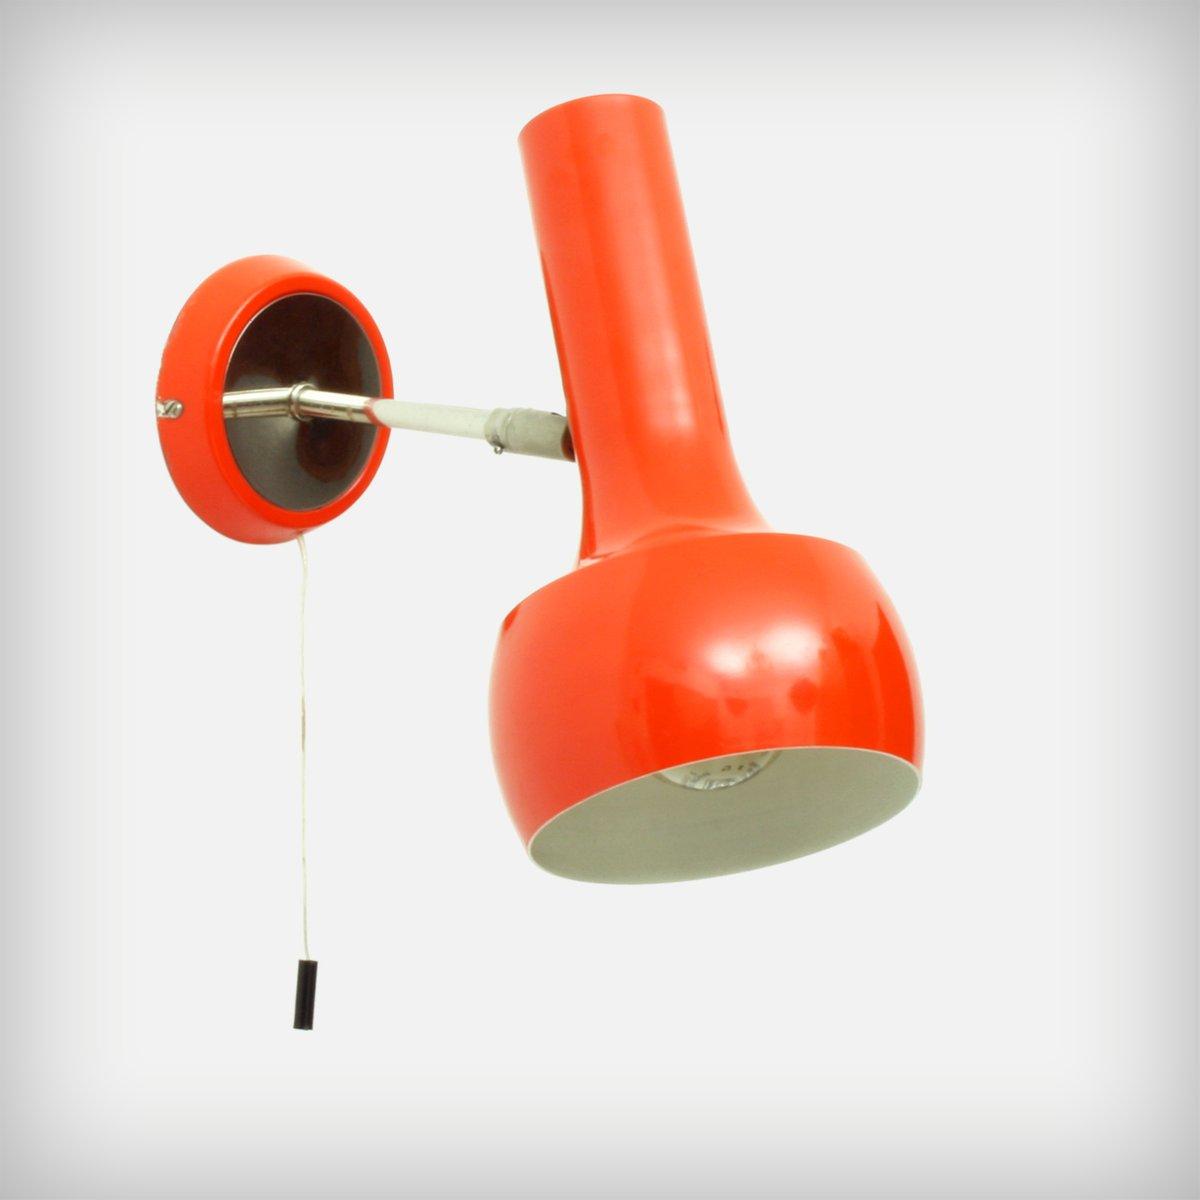 Schweizer rot orange wand oder deckenlampe von lad team for Wand orange